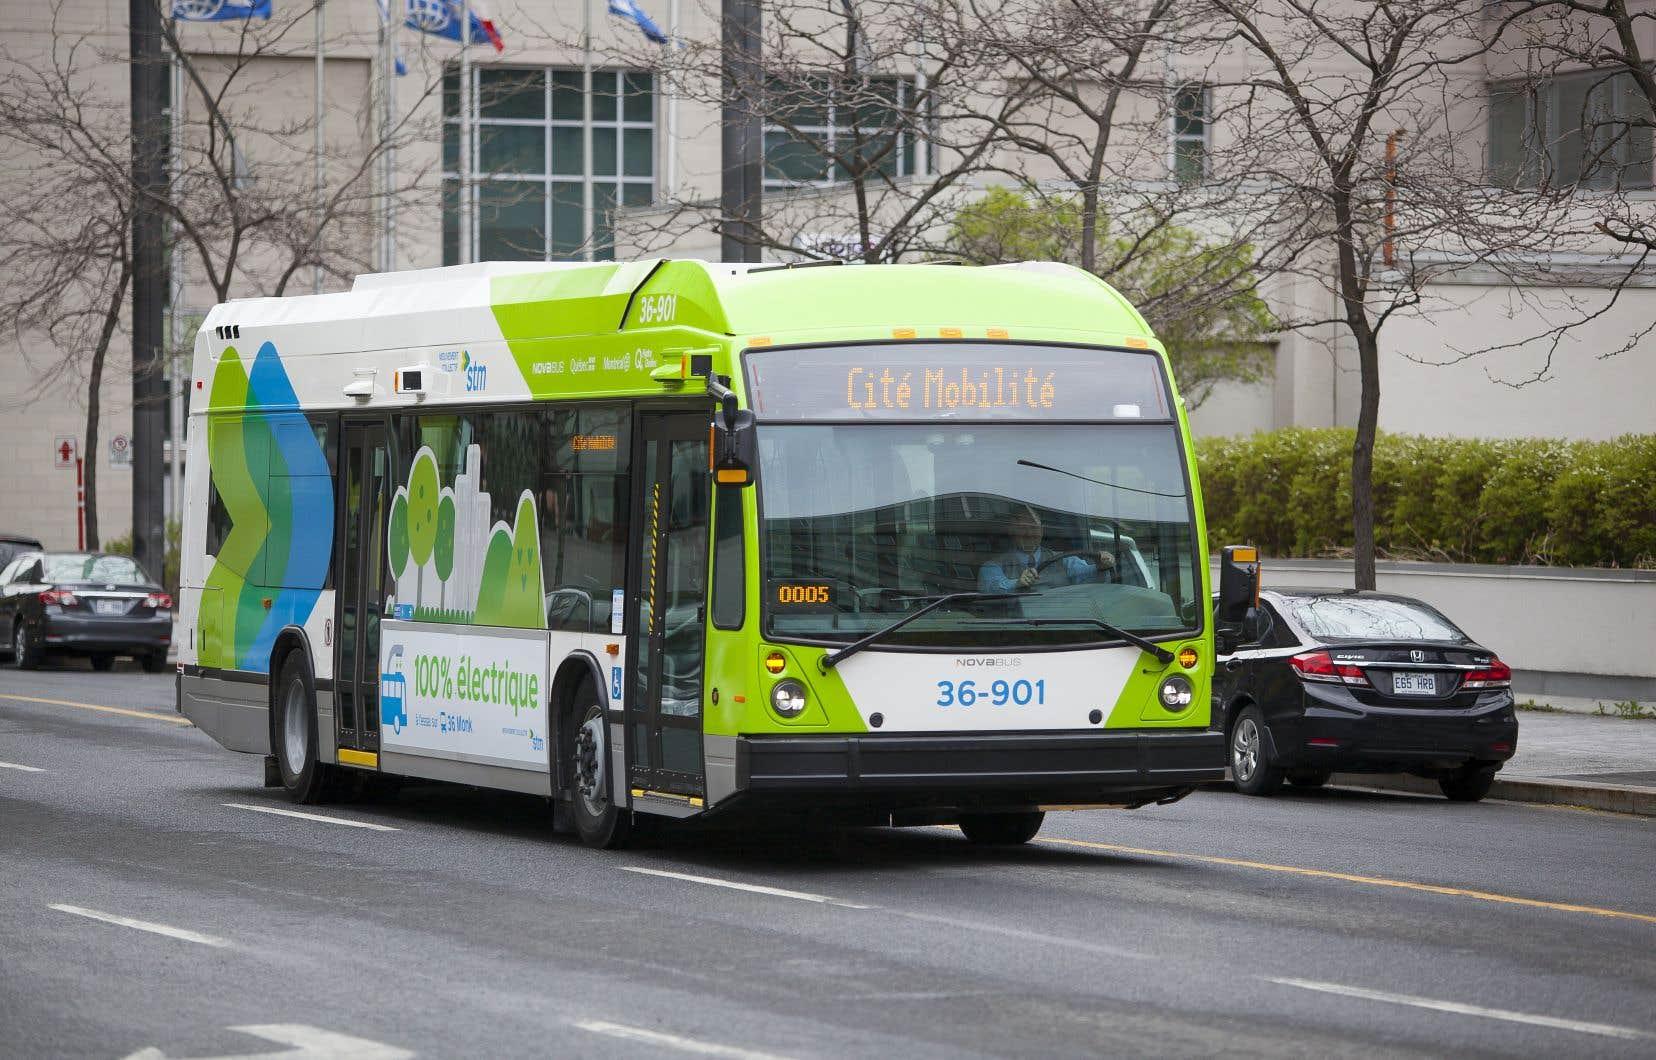 À Montréal, depuis mai 2017, trois bus 100% électriques sillonnent la ligne 36 – Monk. Le projet Cité Mobilité, déployé en partenariat avec Hydro-Québec, permet de tester la technologie.